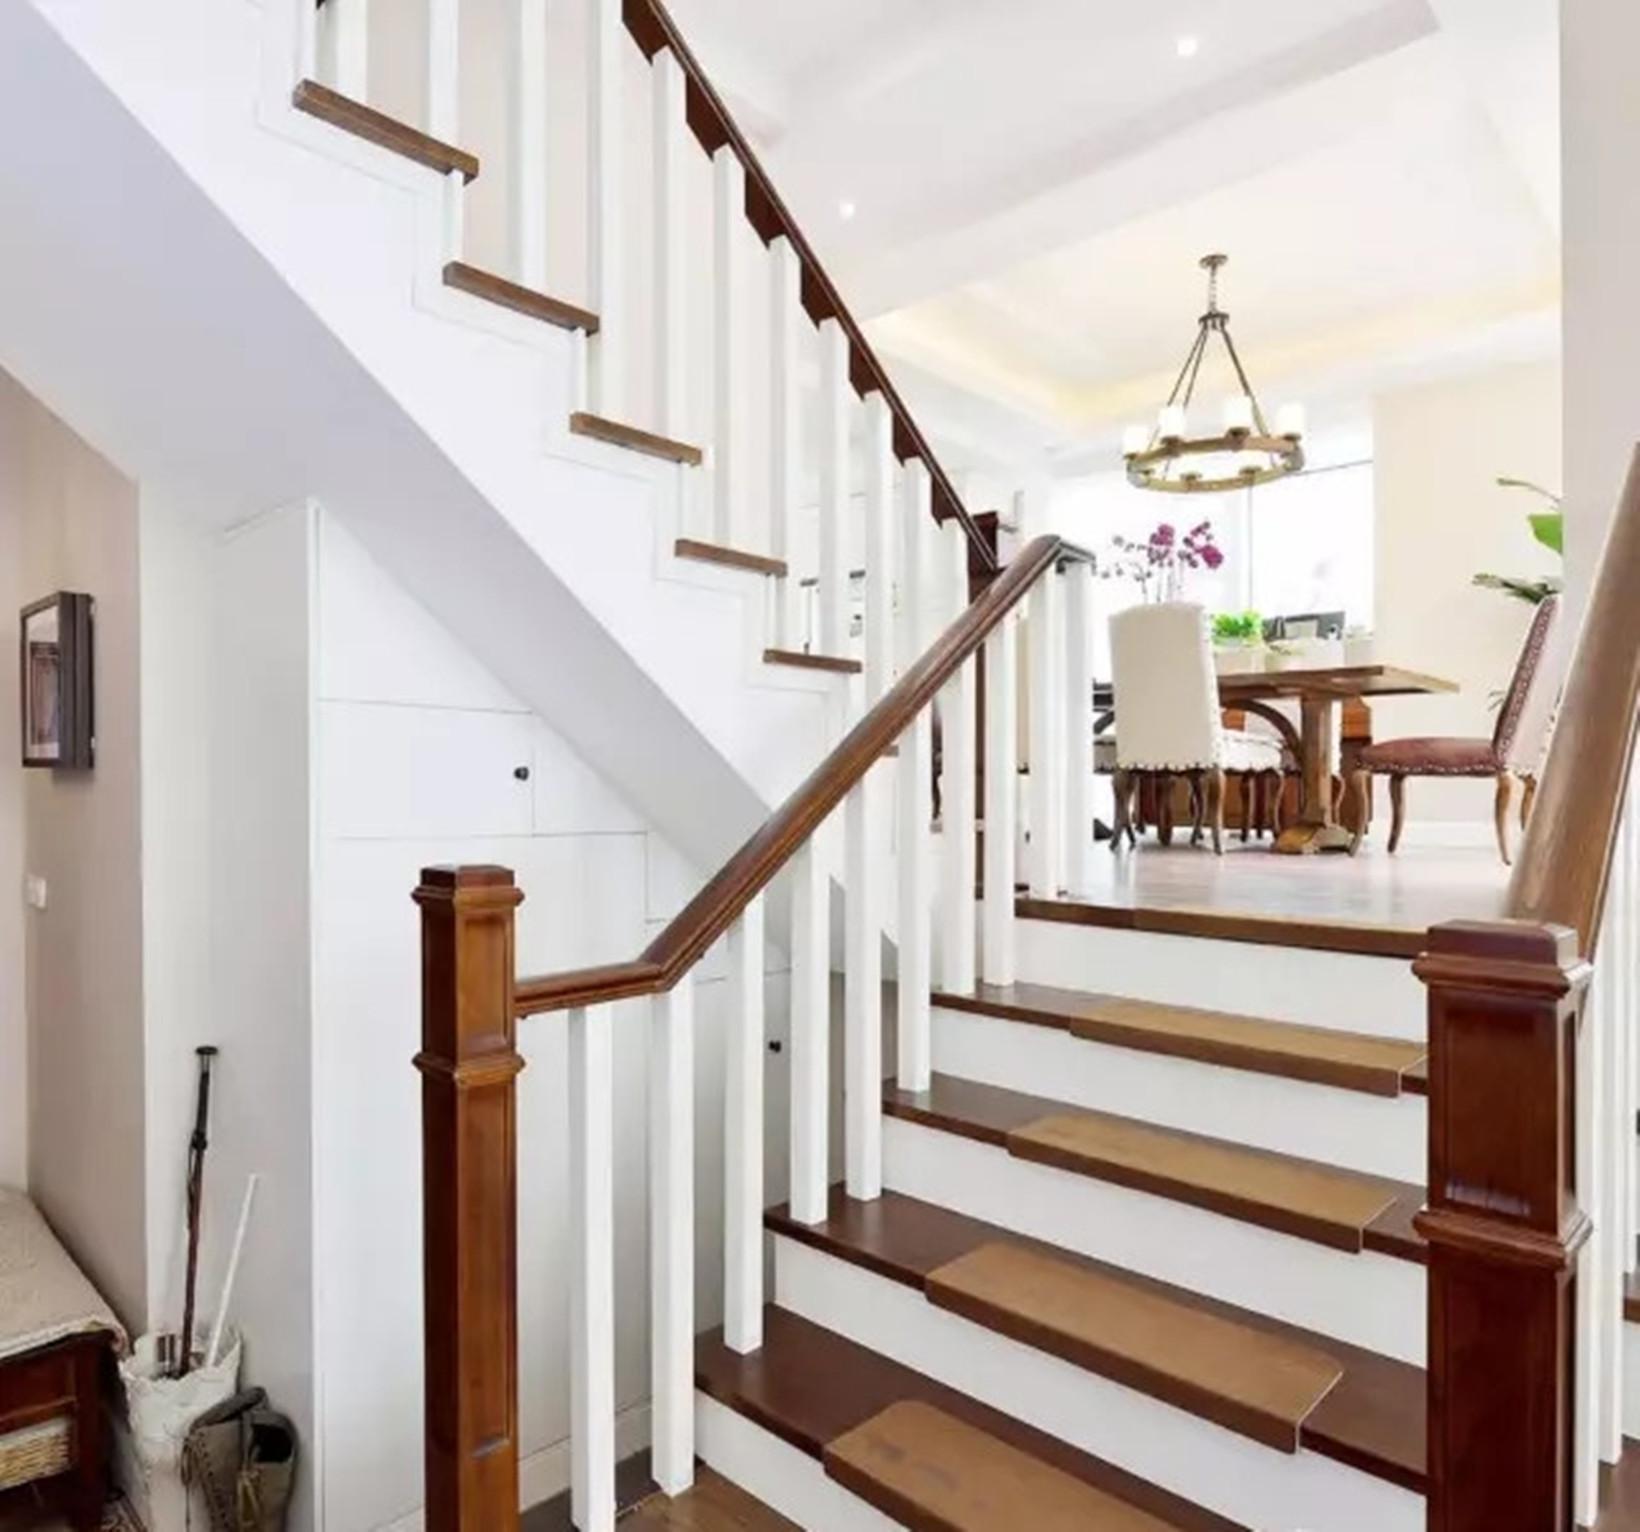 美式 现代 别墅 清爽 楼梯图片来自高度国际装饰宋增会在孔雀城280平米清爽现代美式设计的分享